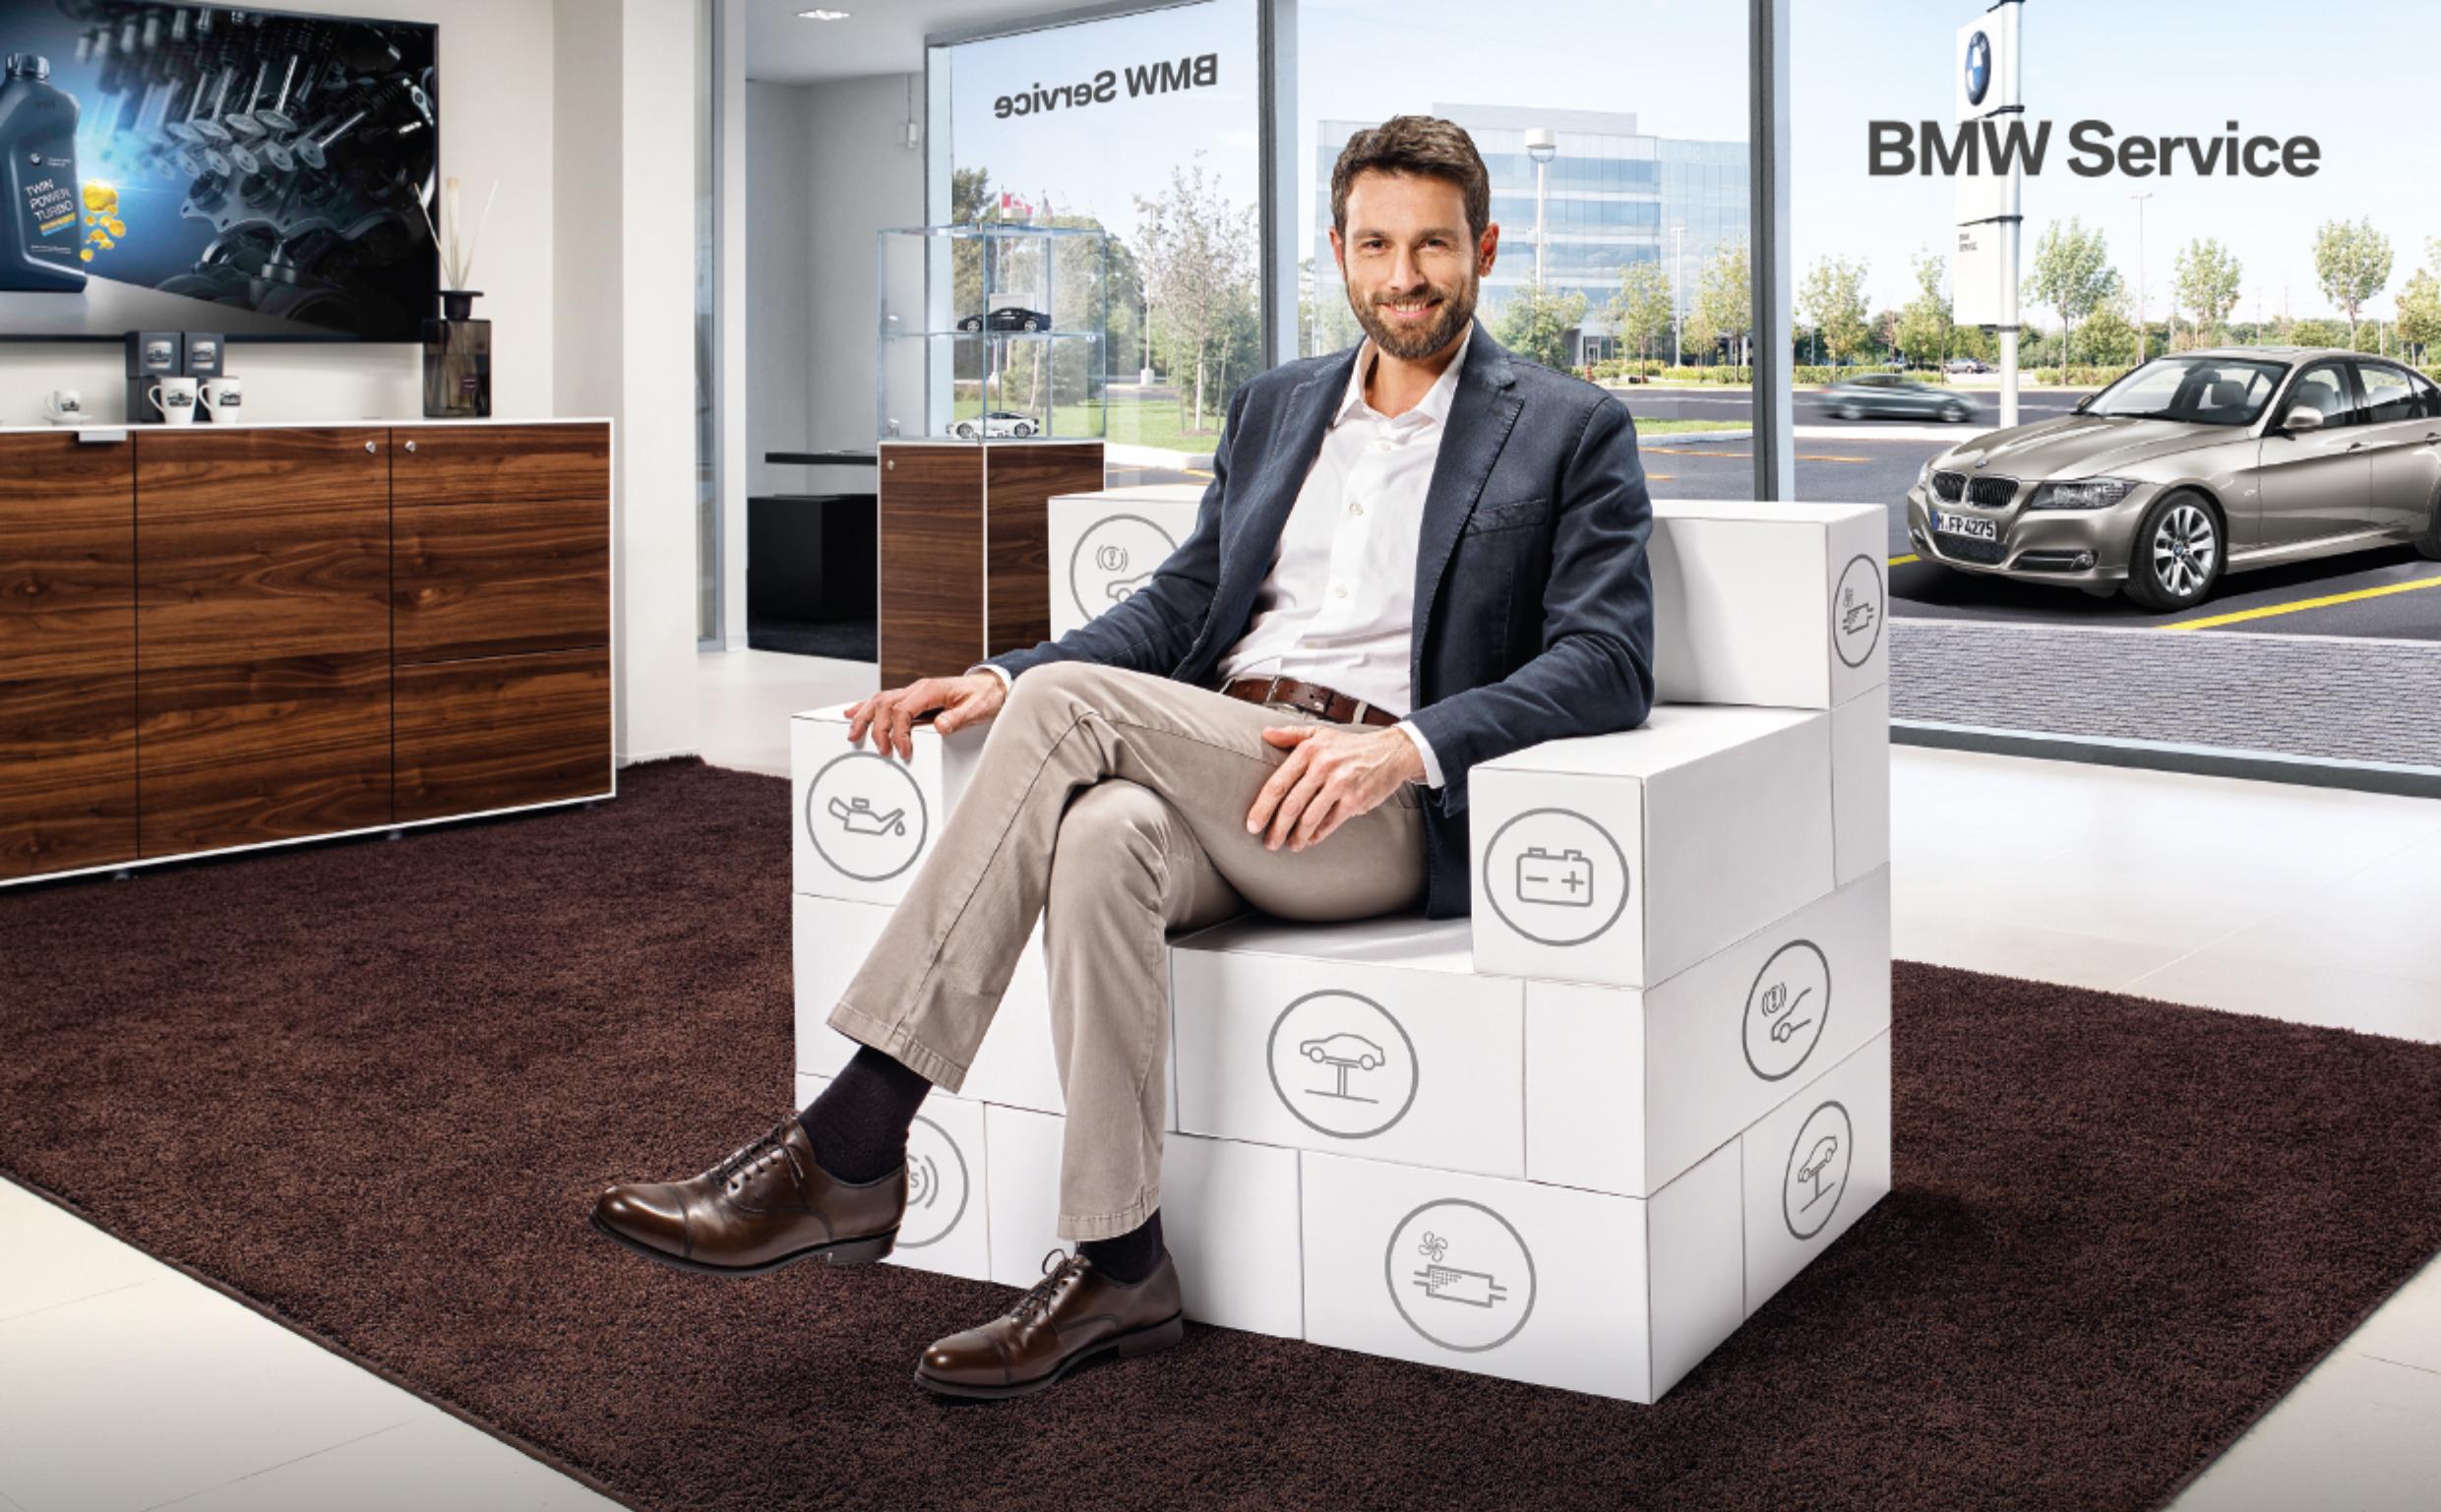 Servizio Di Valore BMW 2016